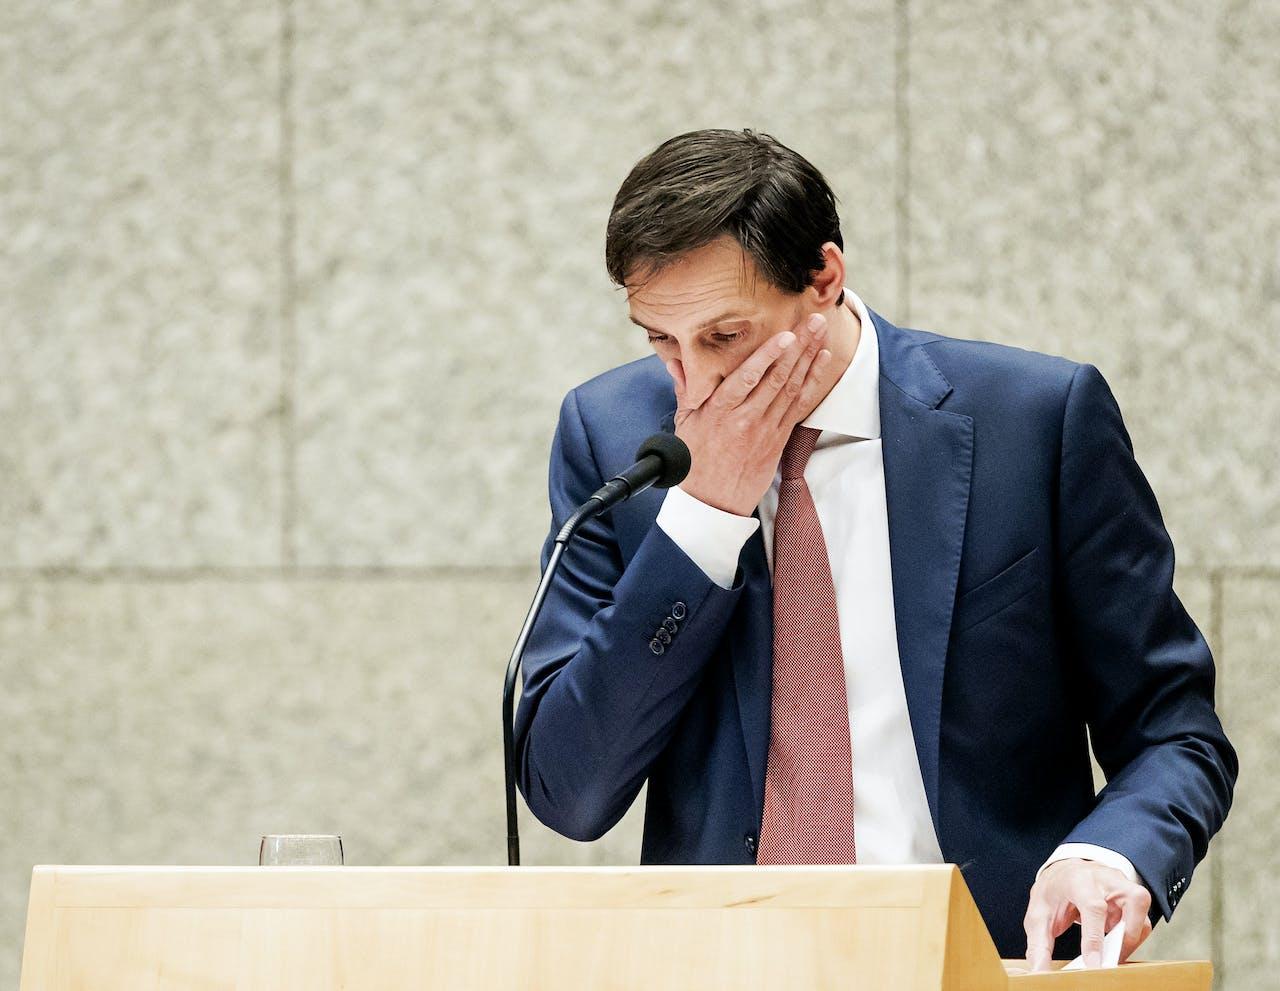 2018-05-23 16:02:41 DEN HAAG - Minister Wopke Hoekstra van Financien in de Tweede Kamer tijdens het verantwoordingsdebat over het jaar 2017. ANP ROBIN VAN LONKHUIJSEN